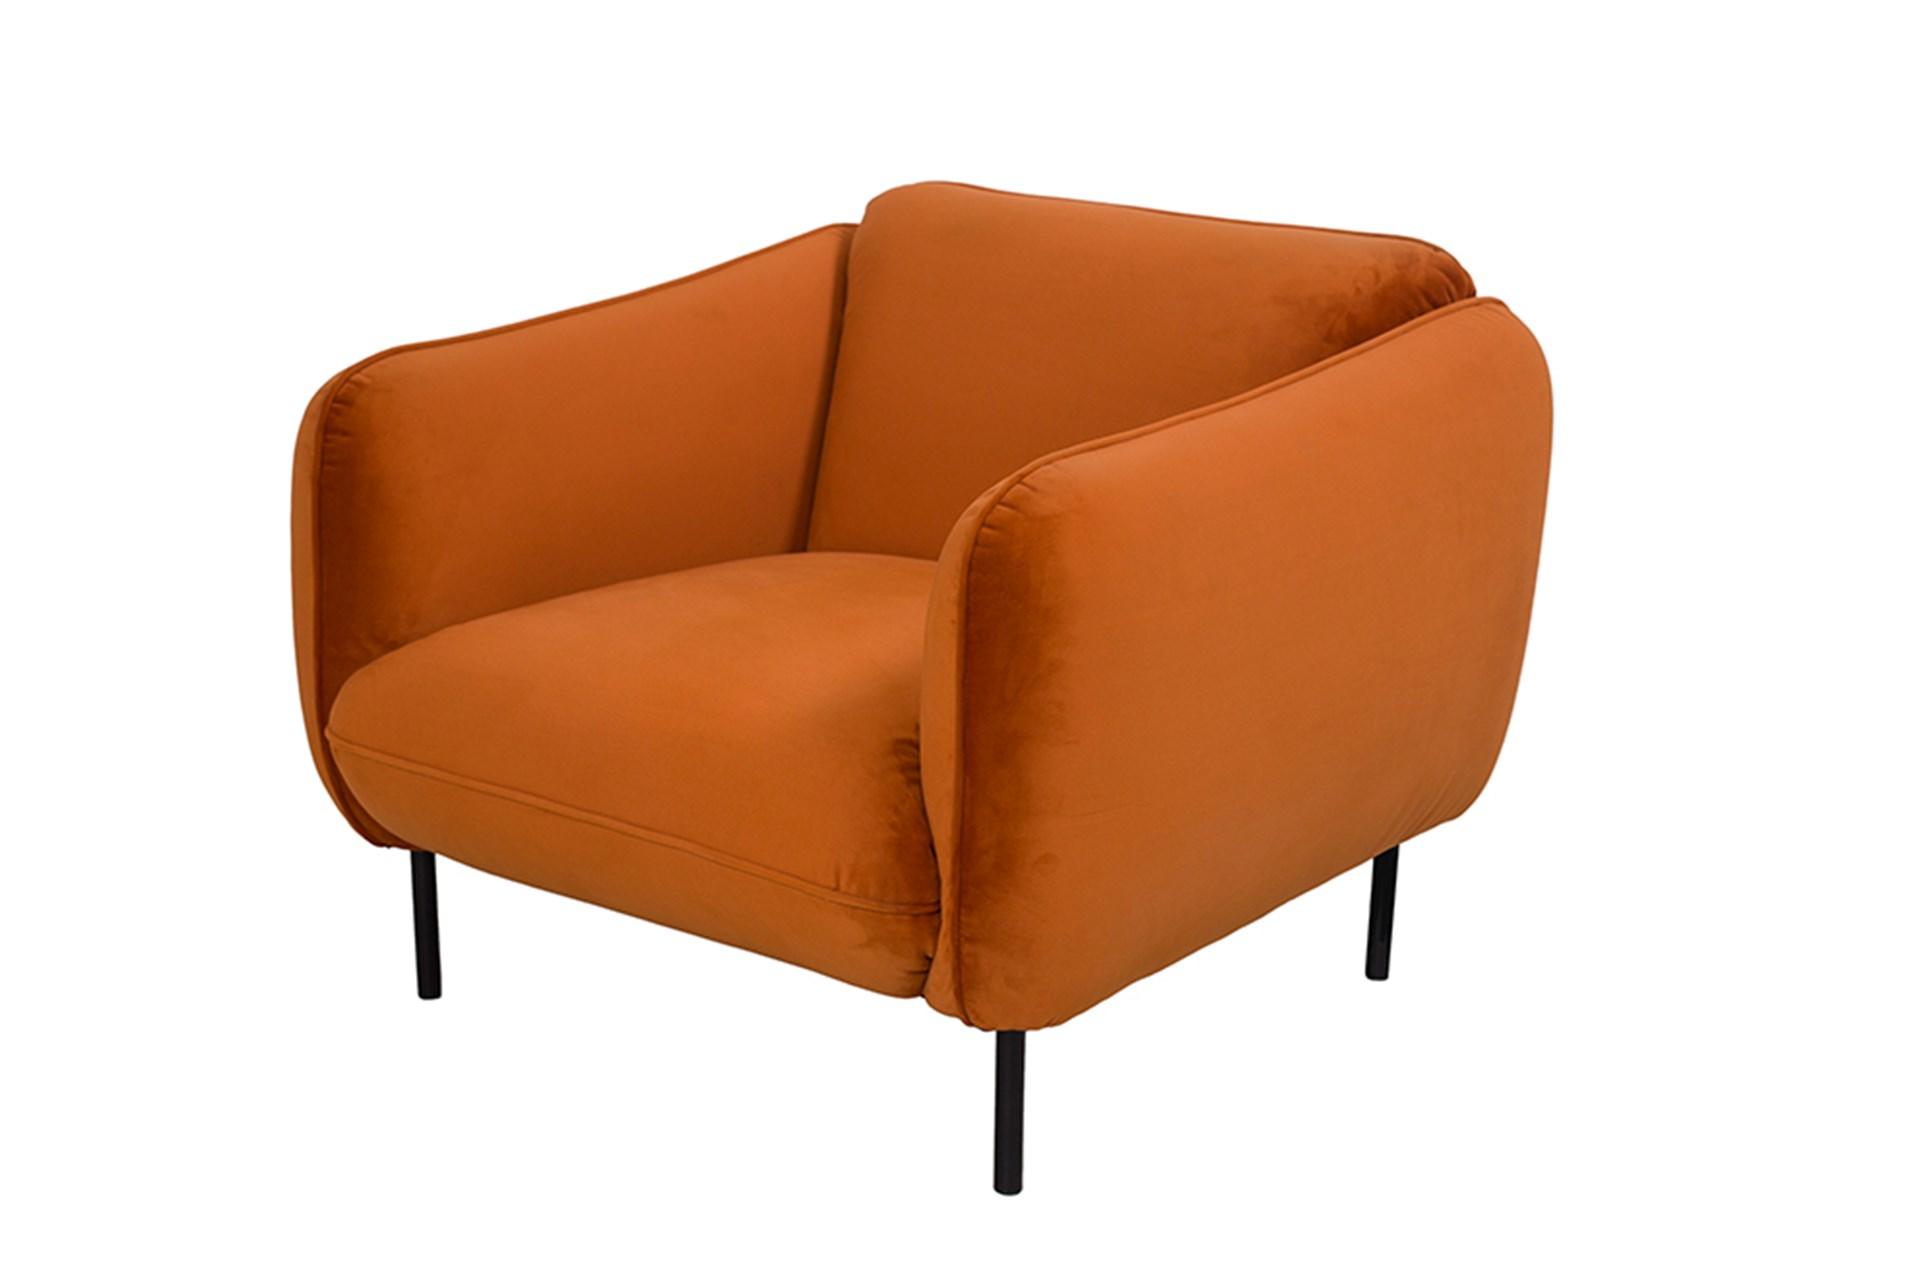 burnt orange accent chair. Velvet Burnt Orange Accent Chair - 360 Elements A